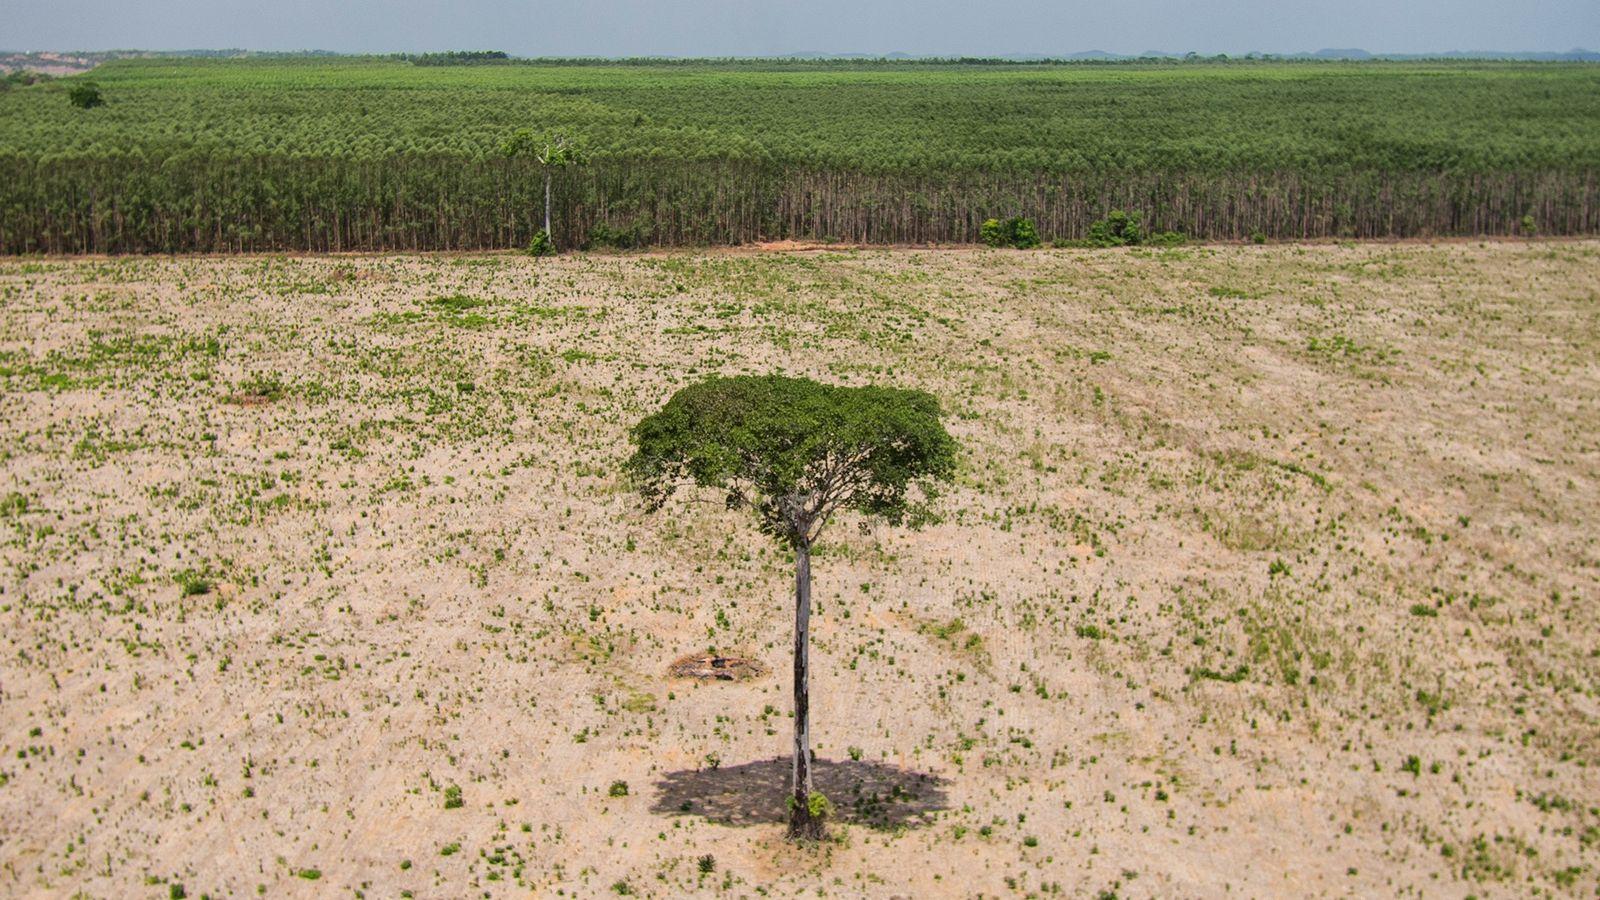 Un arbre feuillu se dresse, solitaire, dans une zone déboisée de Maranhão au Brésil, à l'extrémité ...